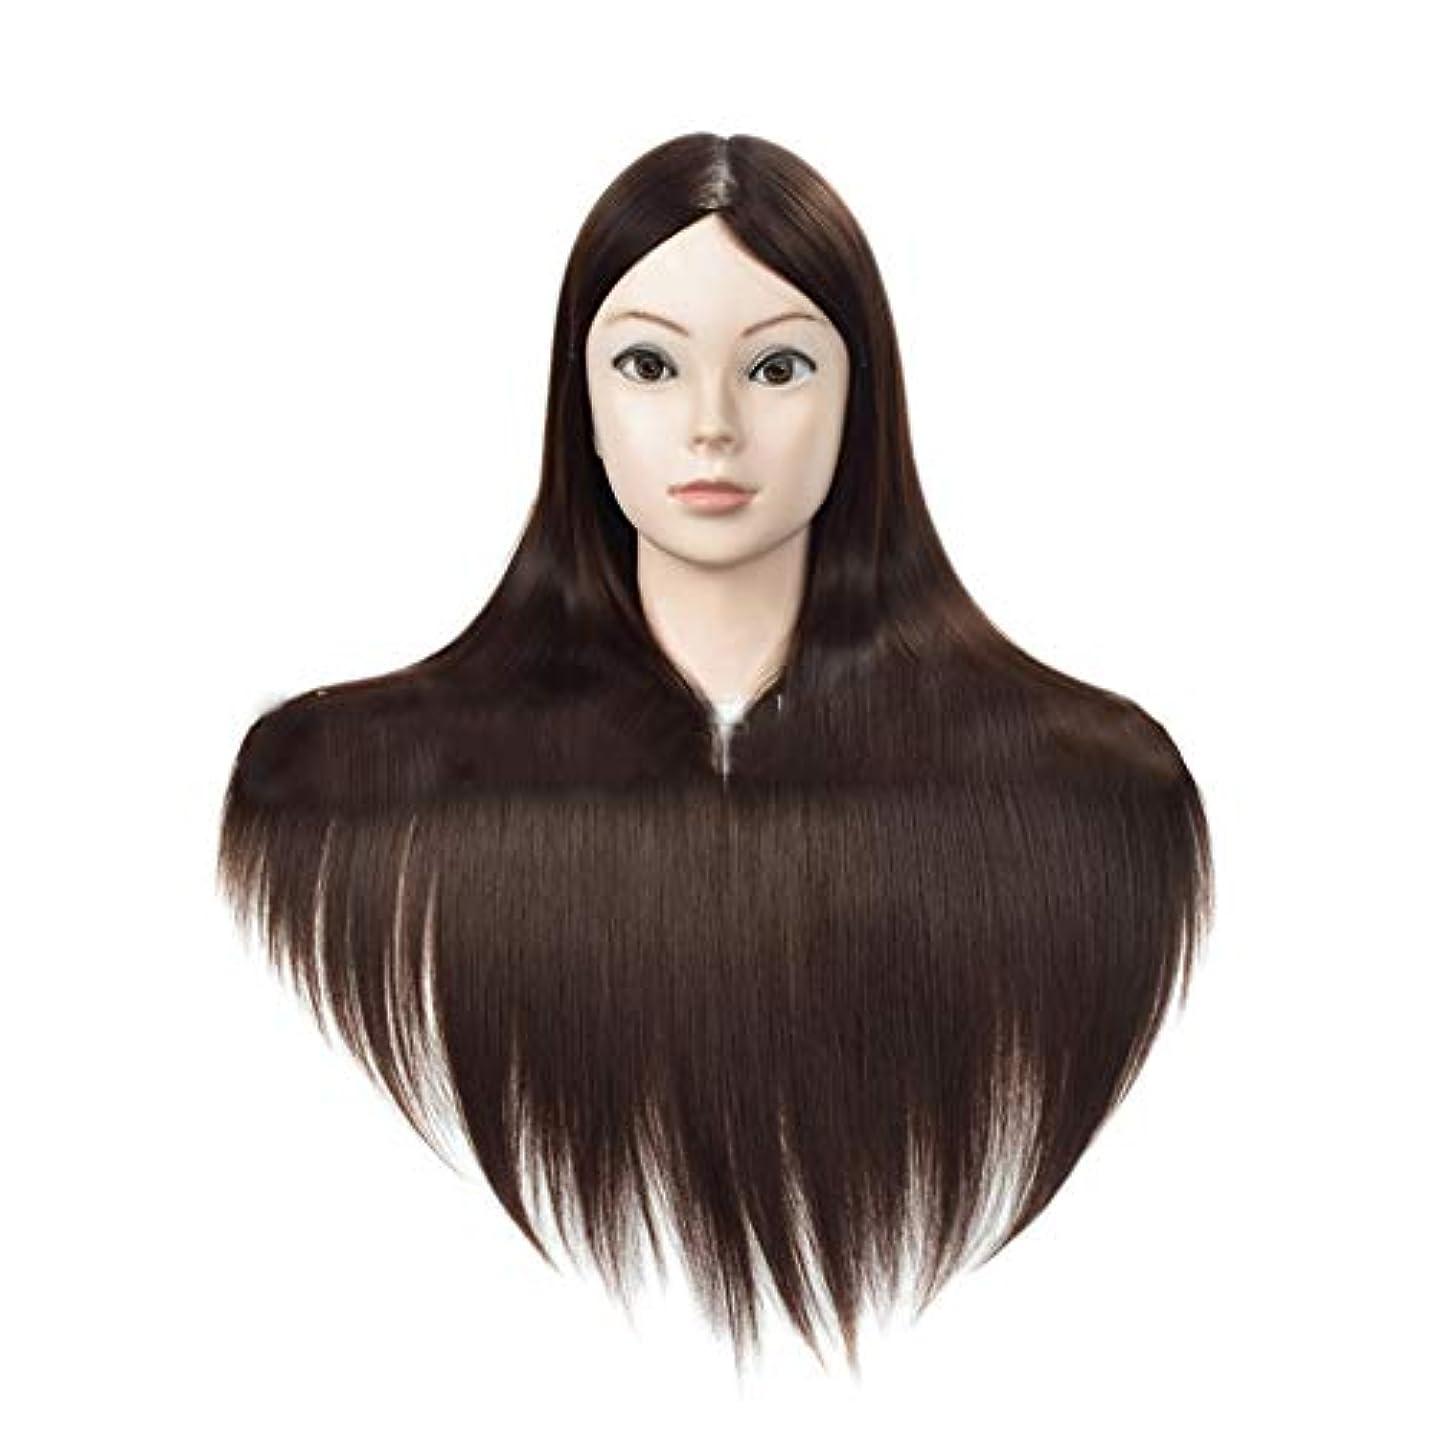 特許背景小屋髪編組ヘアスタイリング練習ヘッド高温線毛ウィッグヘッド金型メイク学習訓練ダミーヘッド